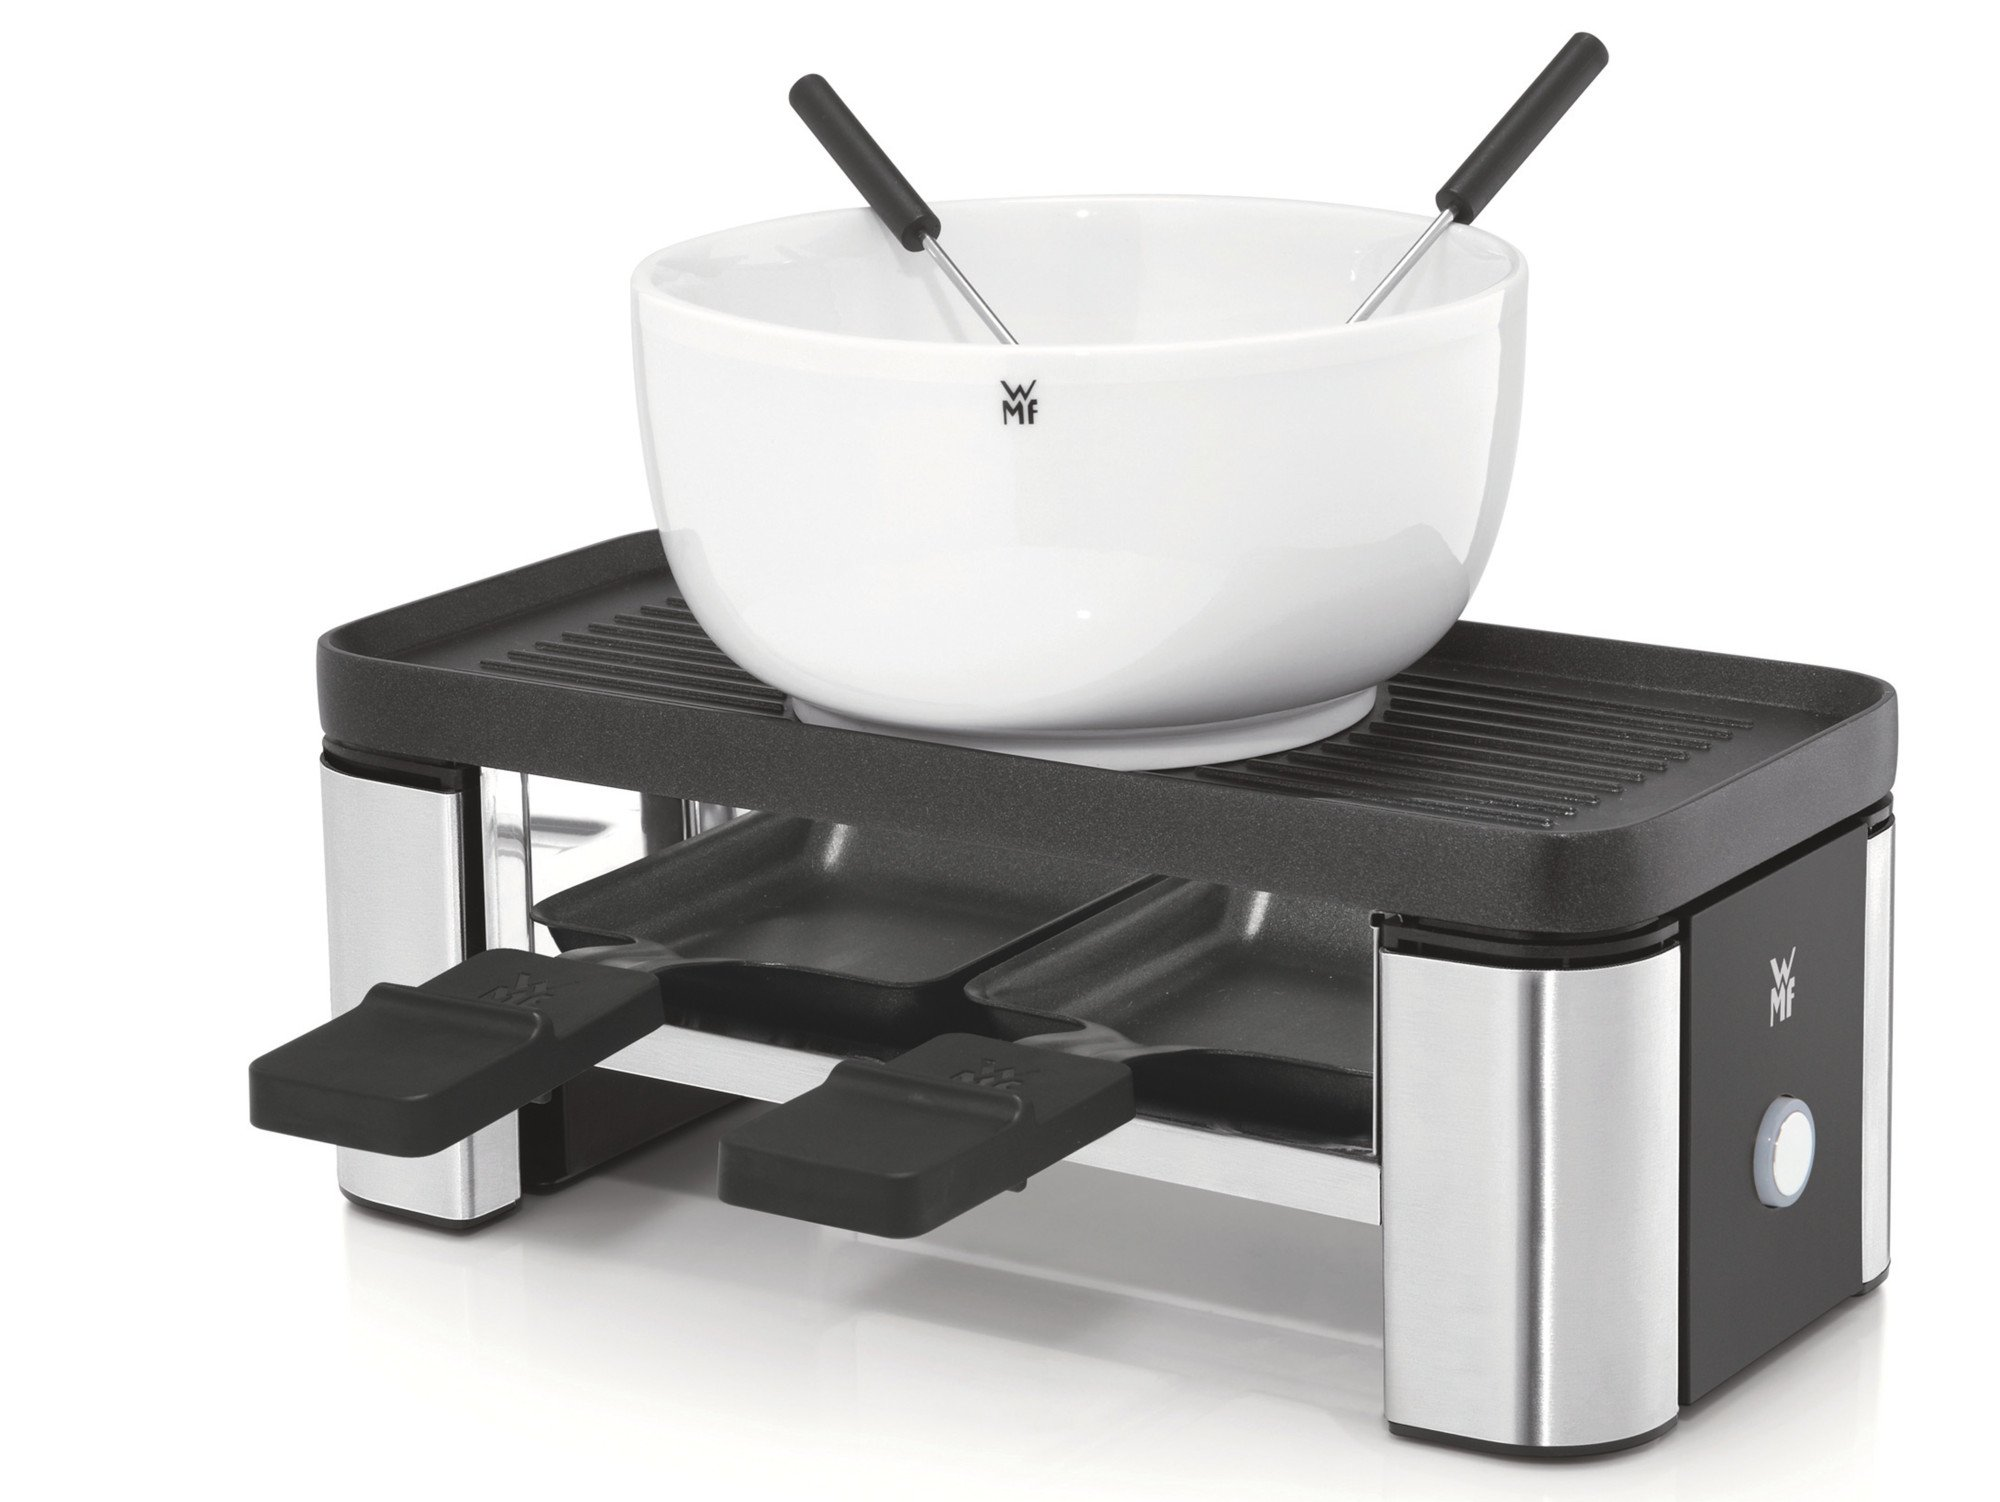 Mit dem Raclettegerät aus der Reihe WMF Küchenminis lässt sich auch im kleinen Kreis gut dinieren (Bild: WMF)